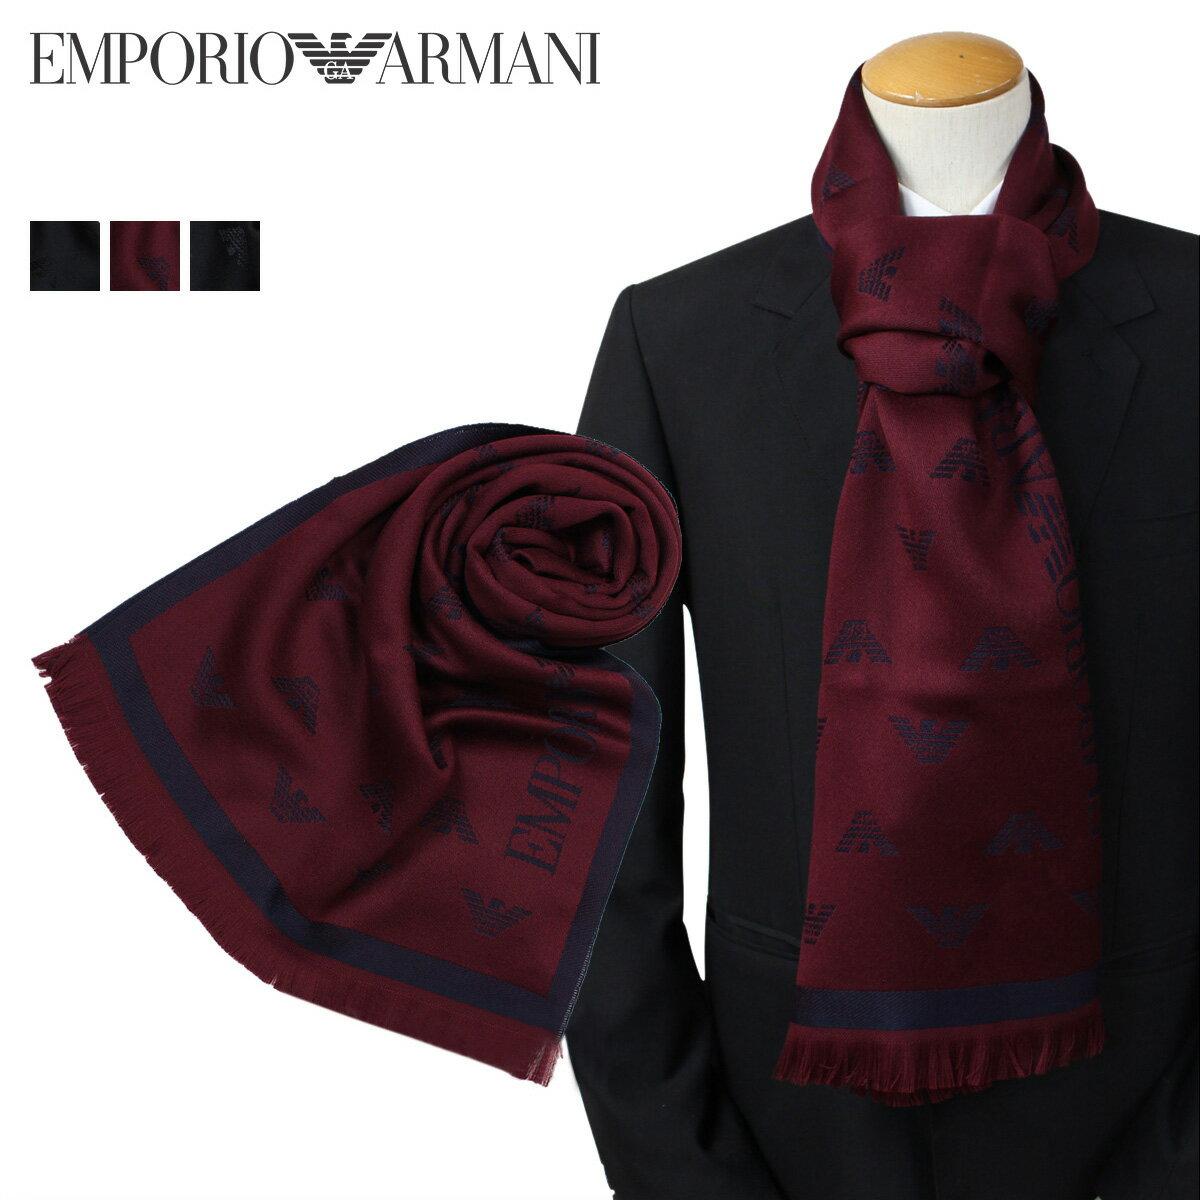 EMPORIO ARMANI マフラー メンズ エンポリオ アルマーニ ウール イタリア製 ビジネス カジュアル 6250097A306 [12/27 追加入荷][1712]